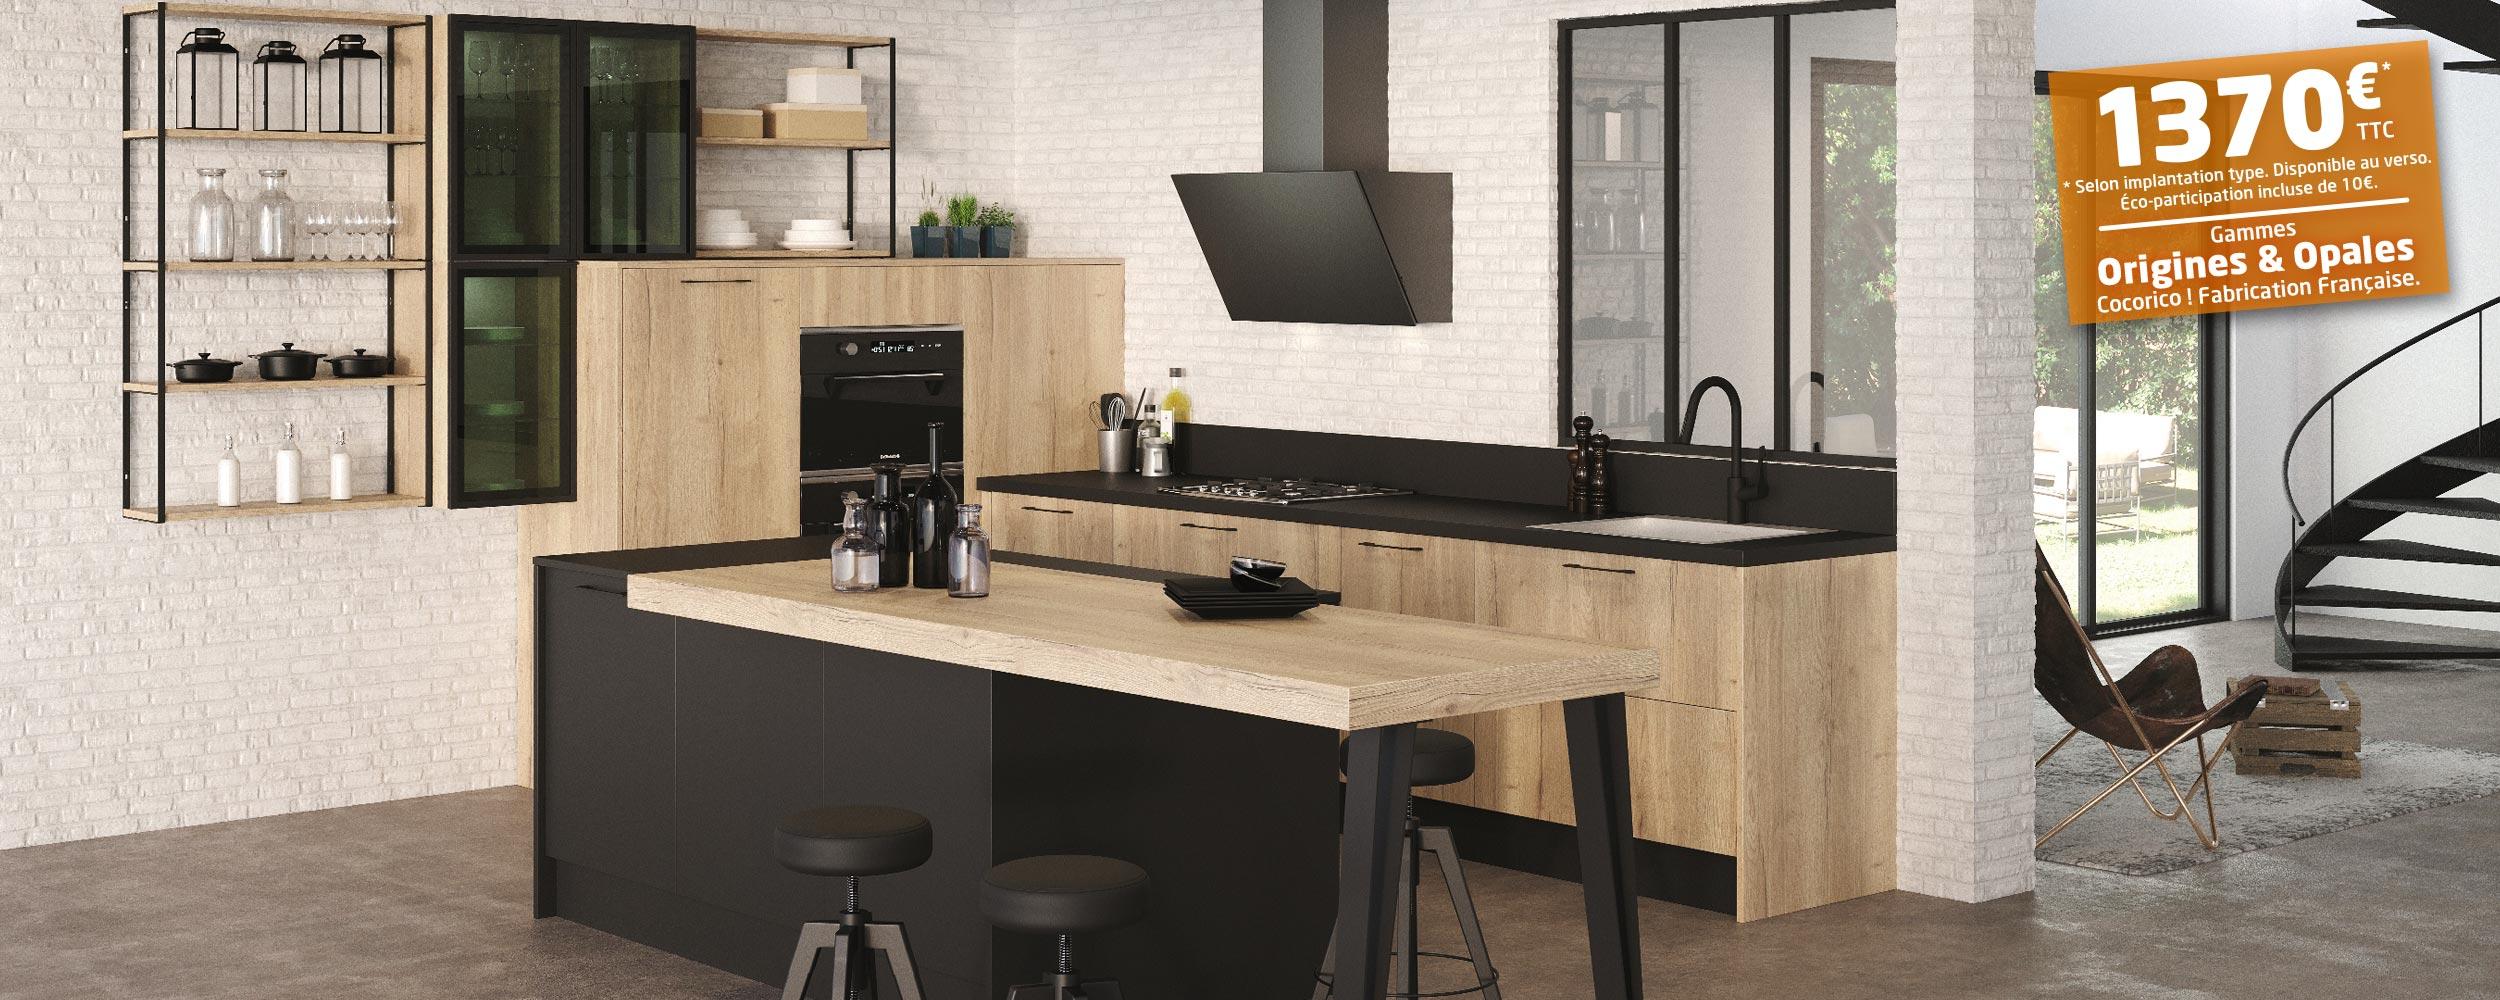 idea-cuisines-modele-origine-et-opale-1280